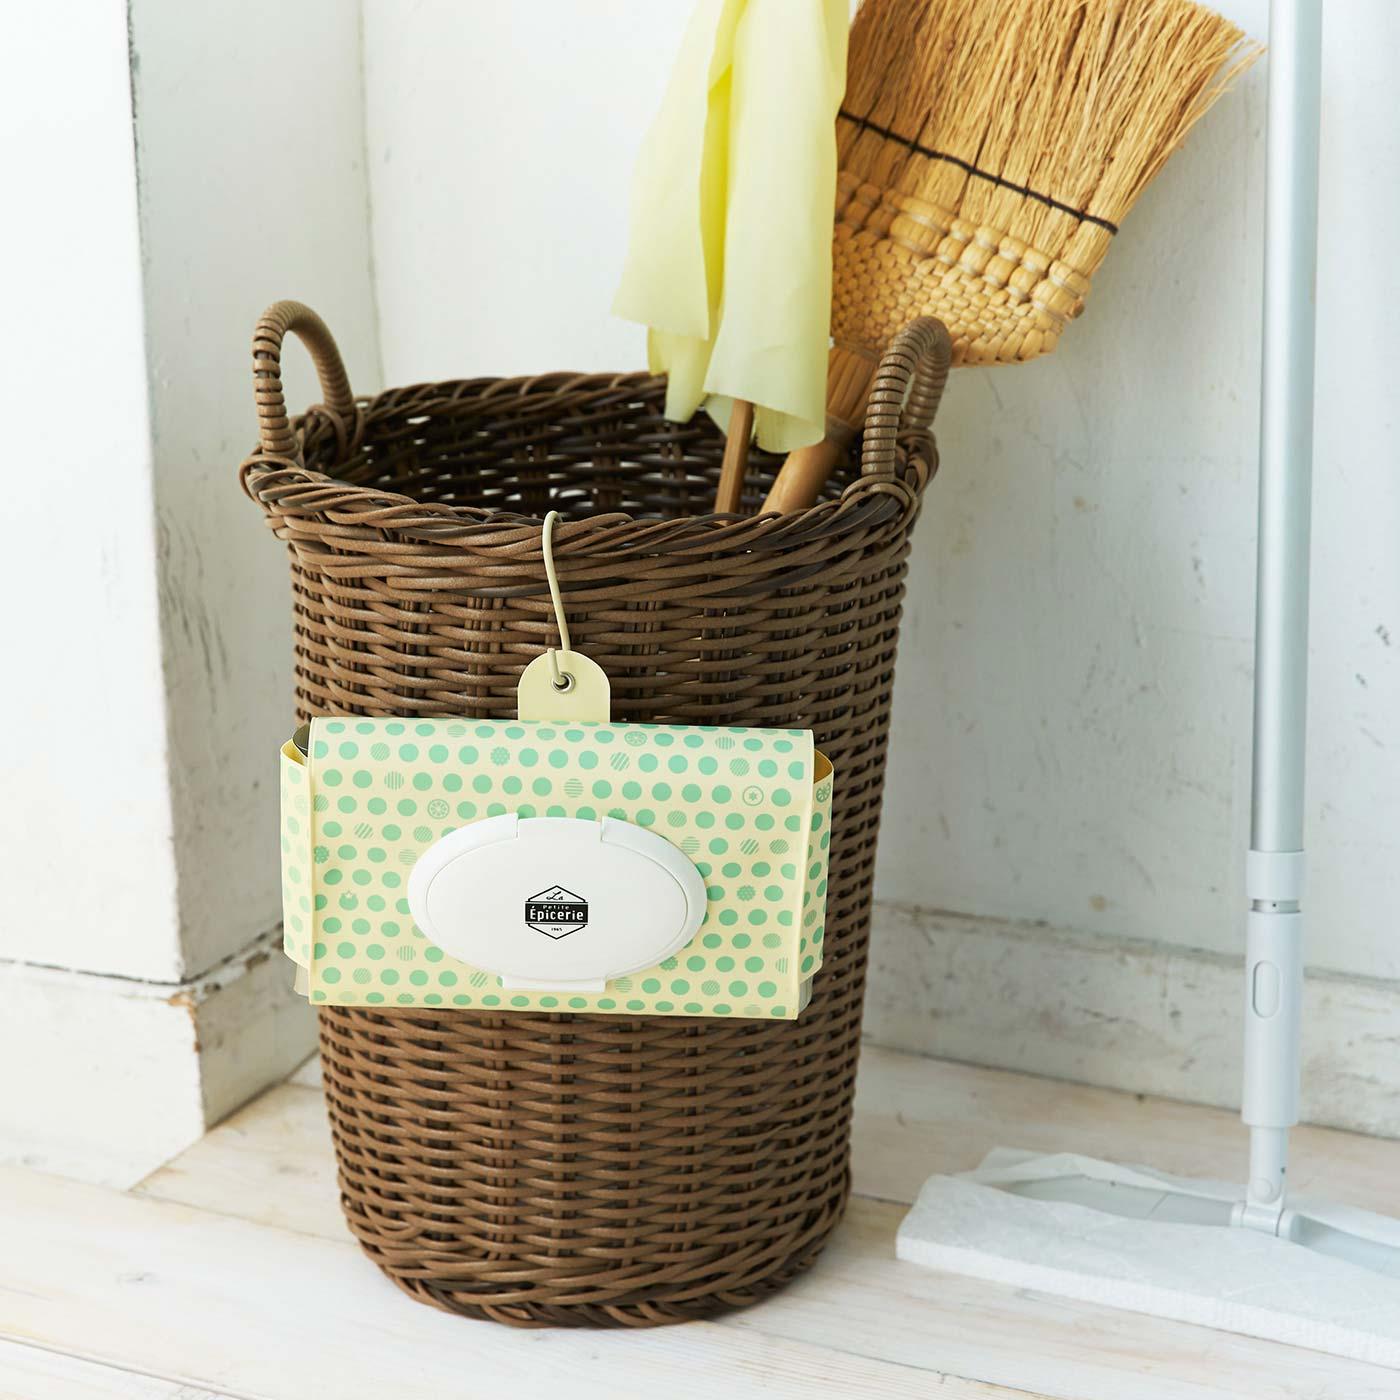 フックを引っ掛けられる穴付き。お掃除シートの種類を変えればキッチン以外でも多目的に使えます。